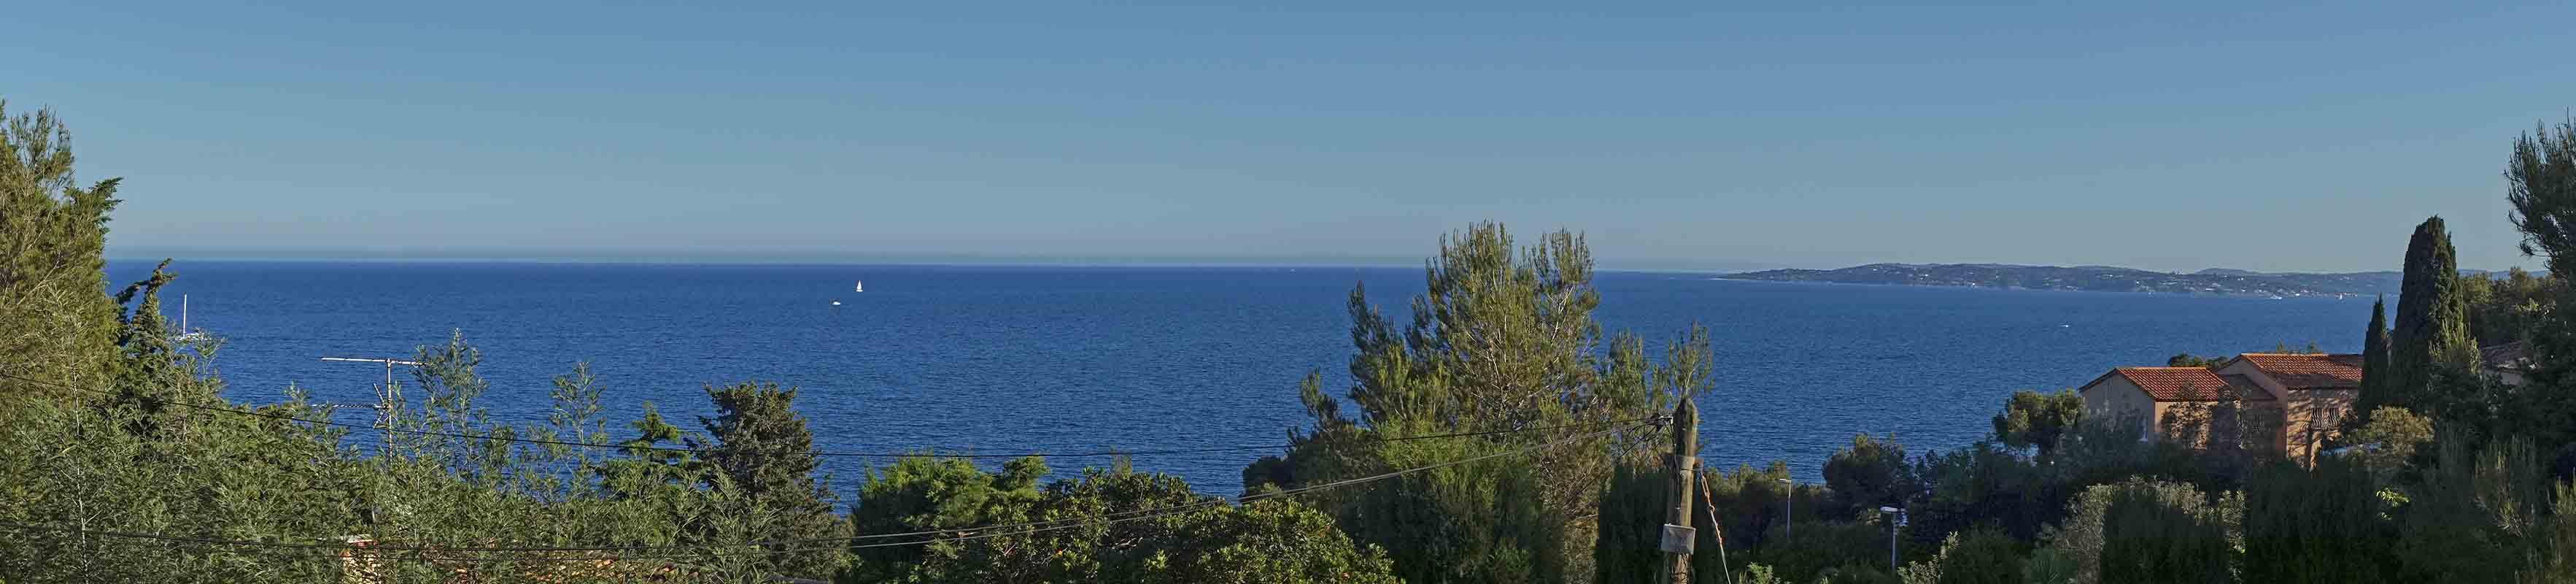 Tritons- Blick nach Süden auf den Golf von St. Tropez